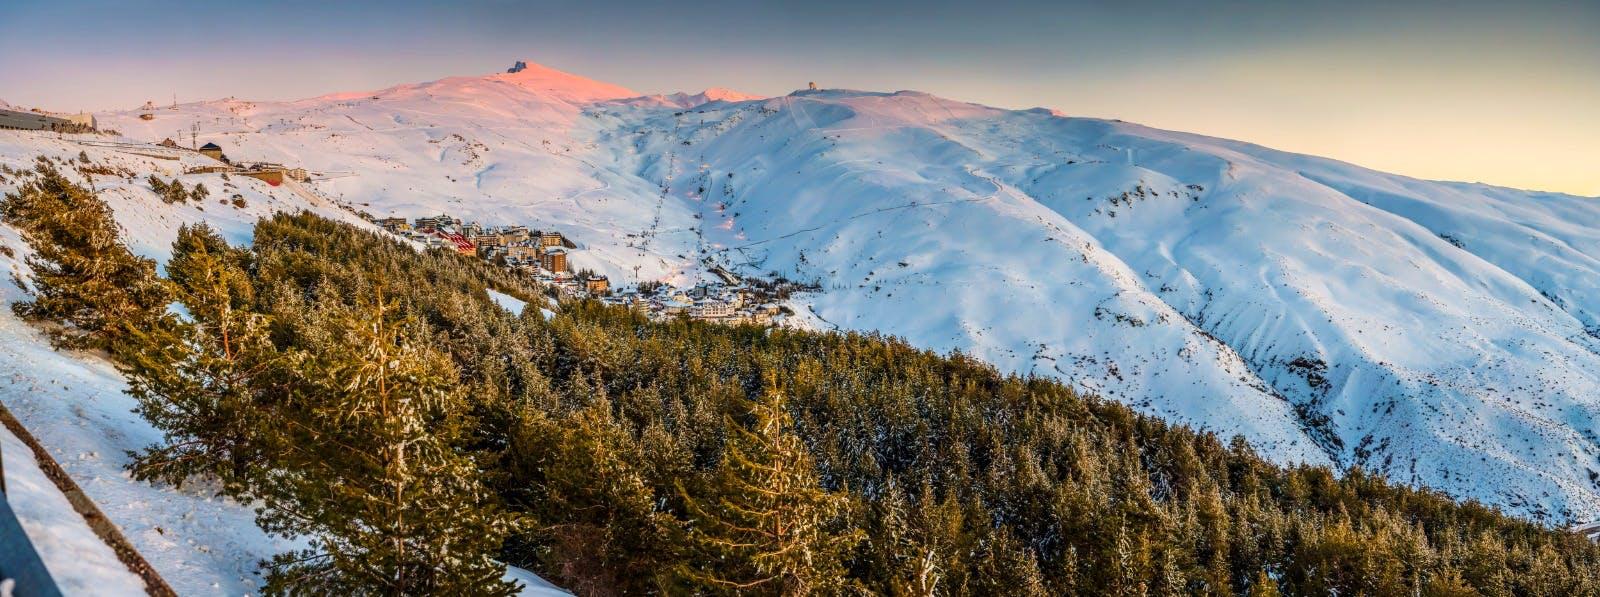 Image of PepeMarinSN9 3 in Cosentino, Official Sponsor of Sierra Nevada's Ski Resort - Cosentino